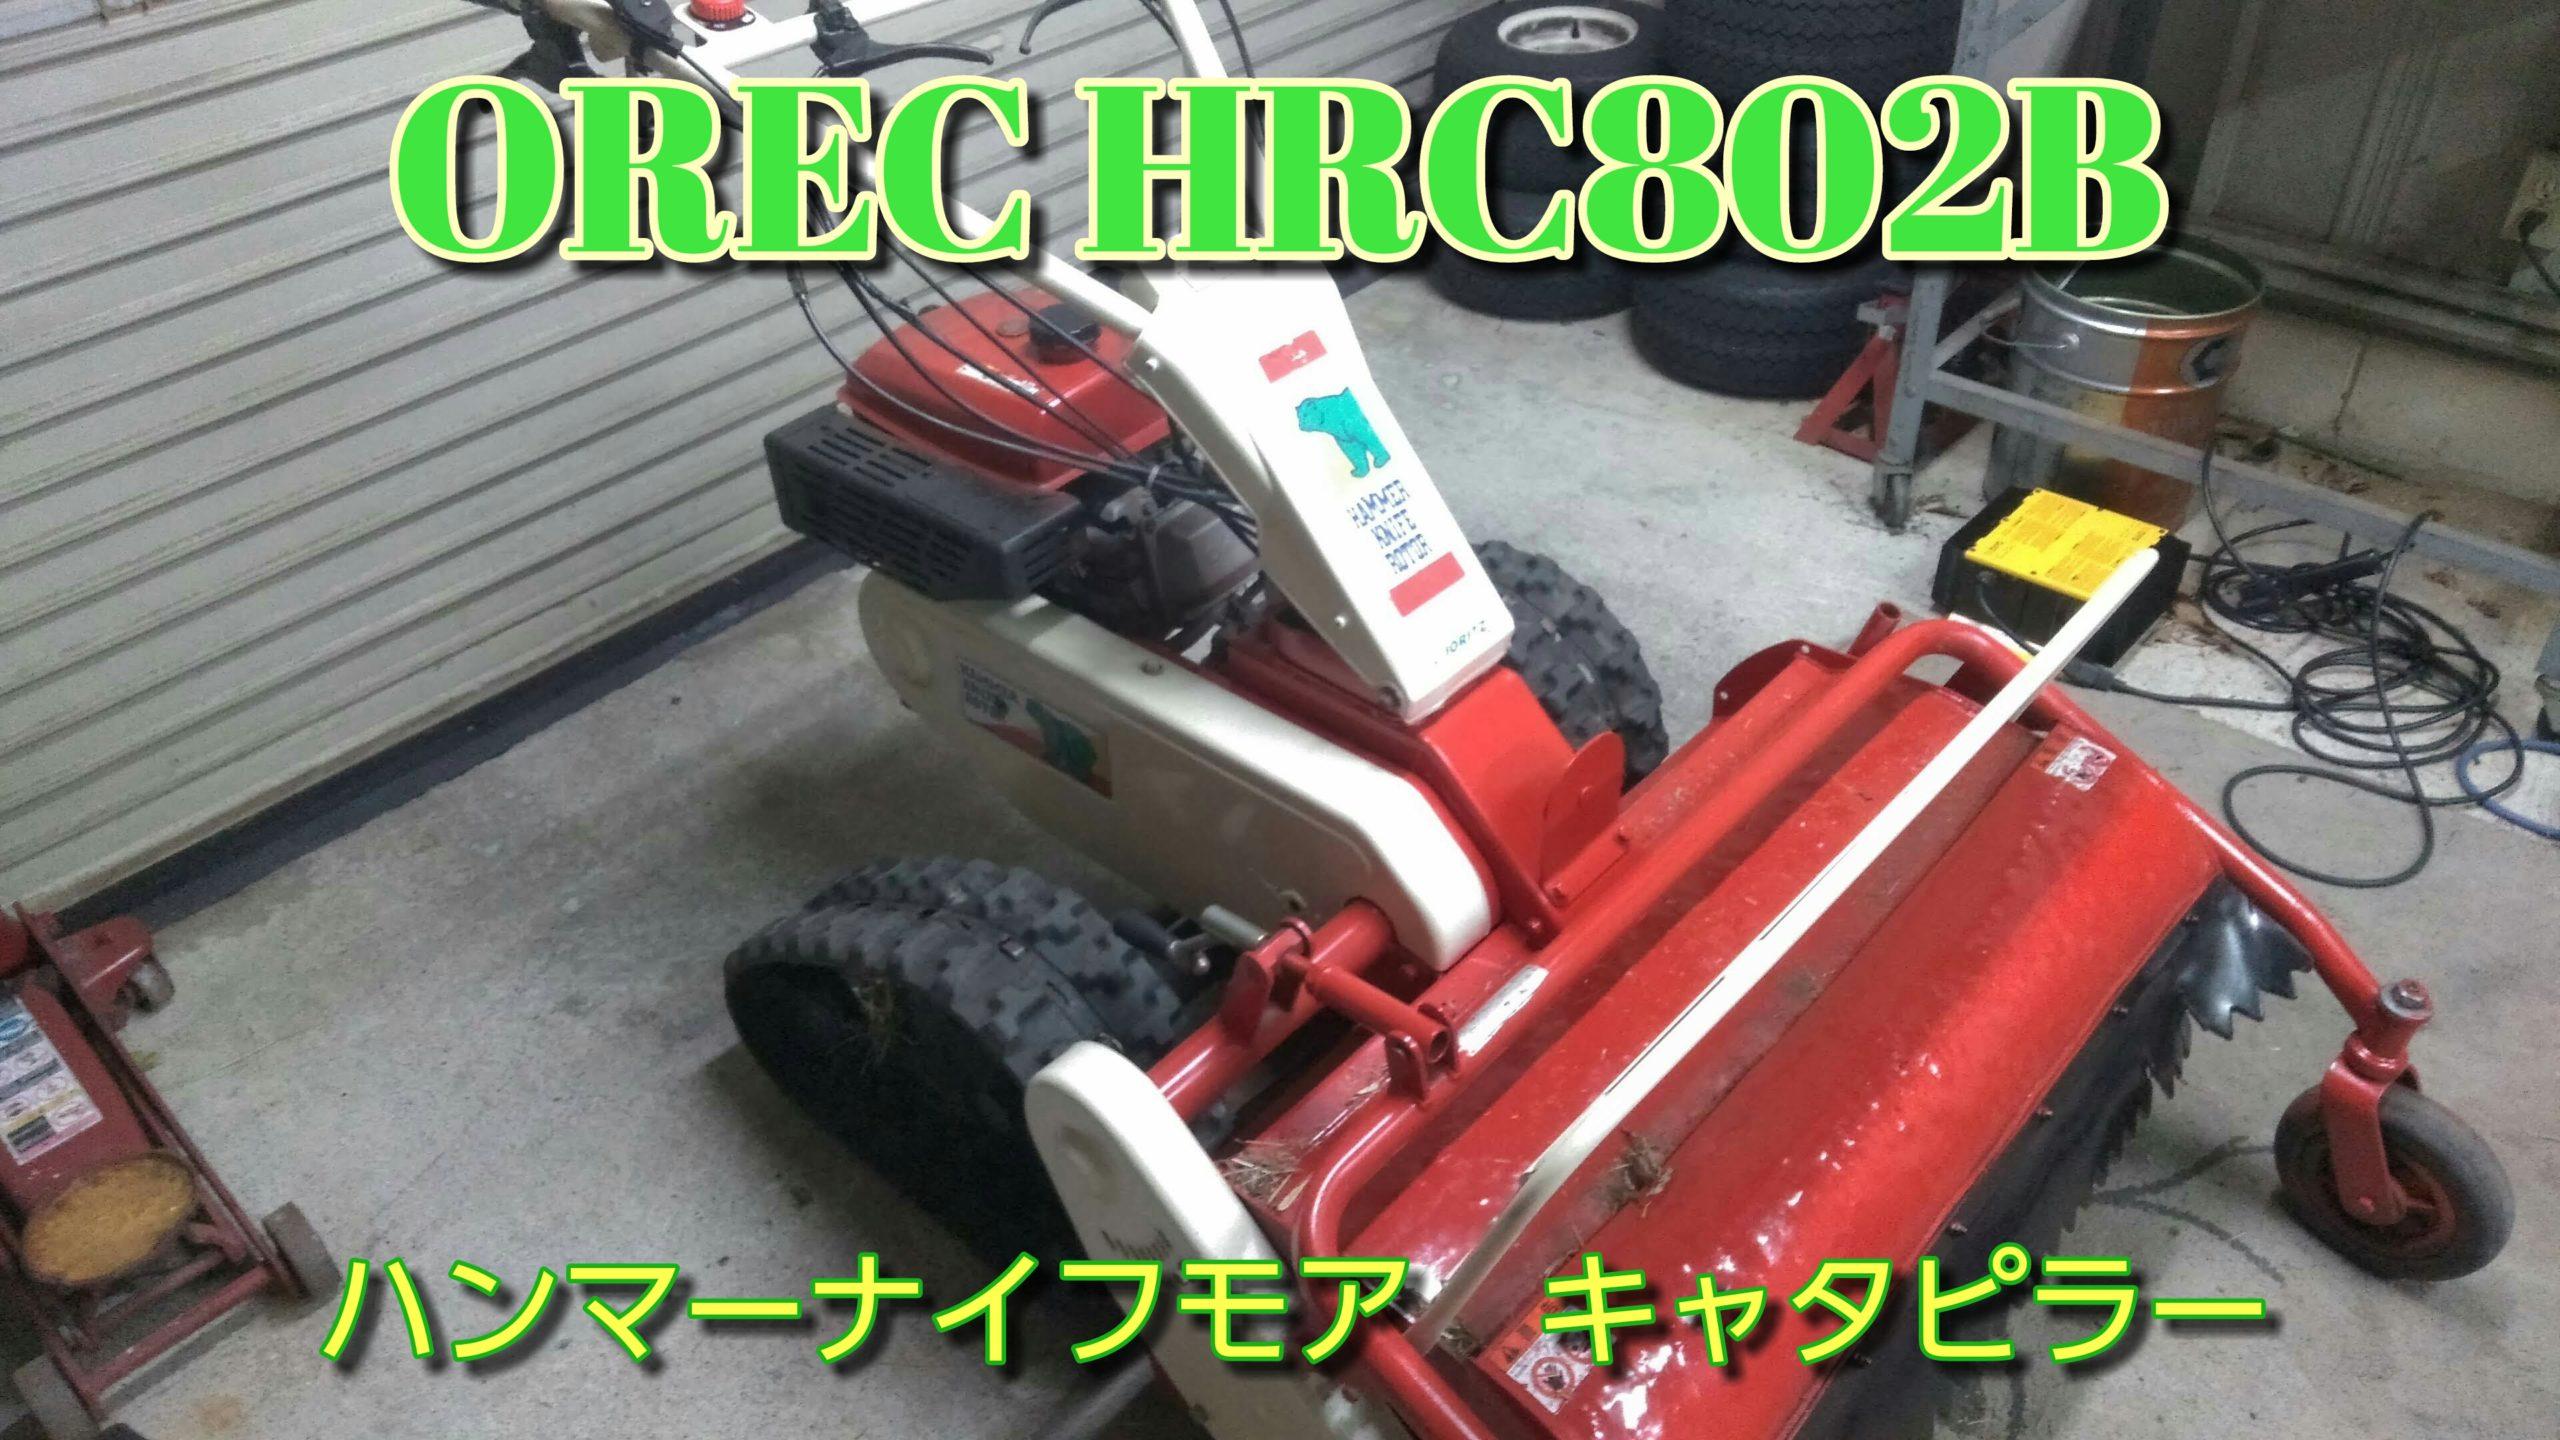 ハンマーナイフモアHRC802B